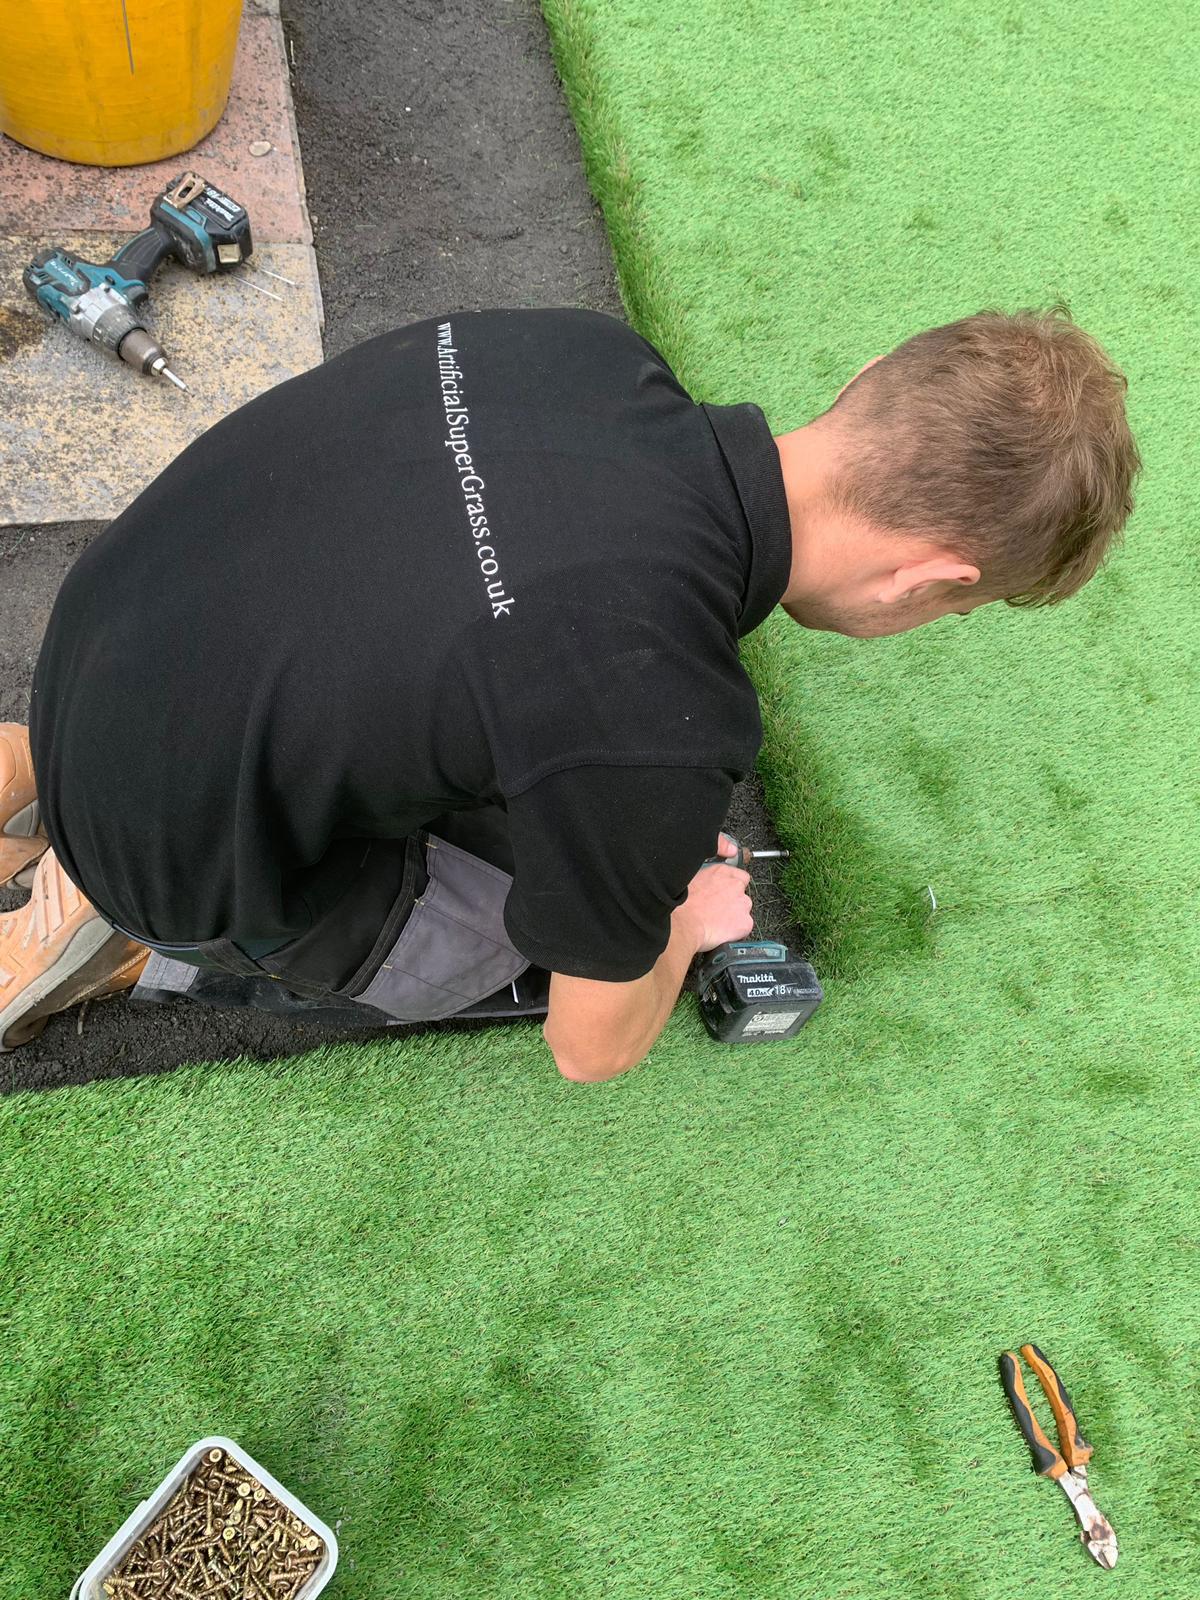 Best Quality Artificial Grass Lofthouse Artificial Super Grass